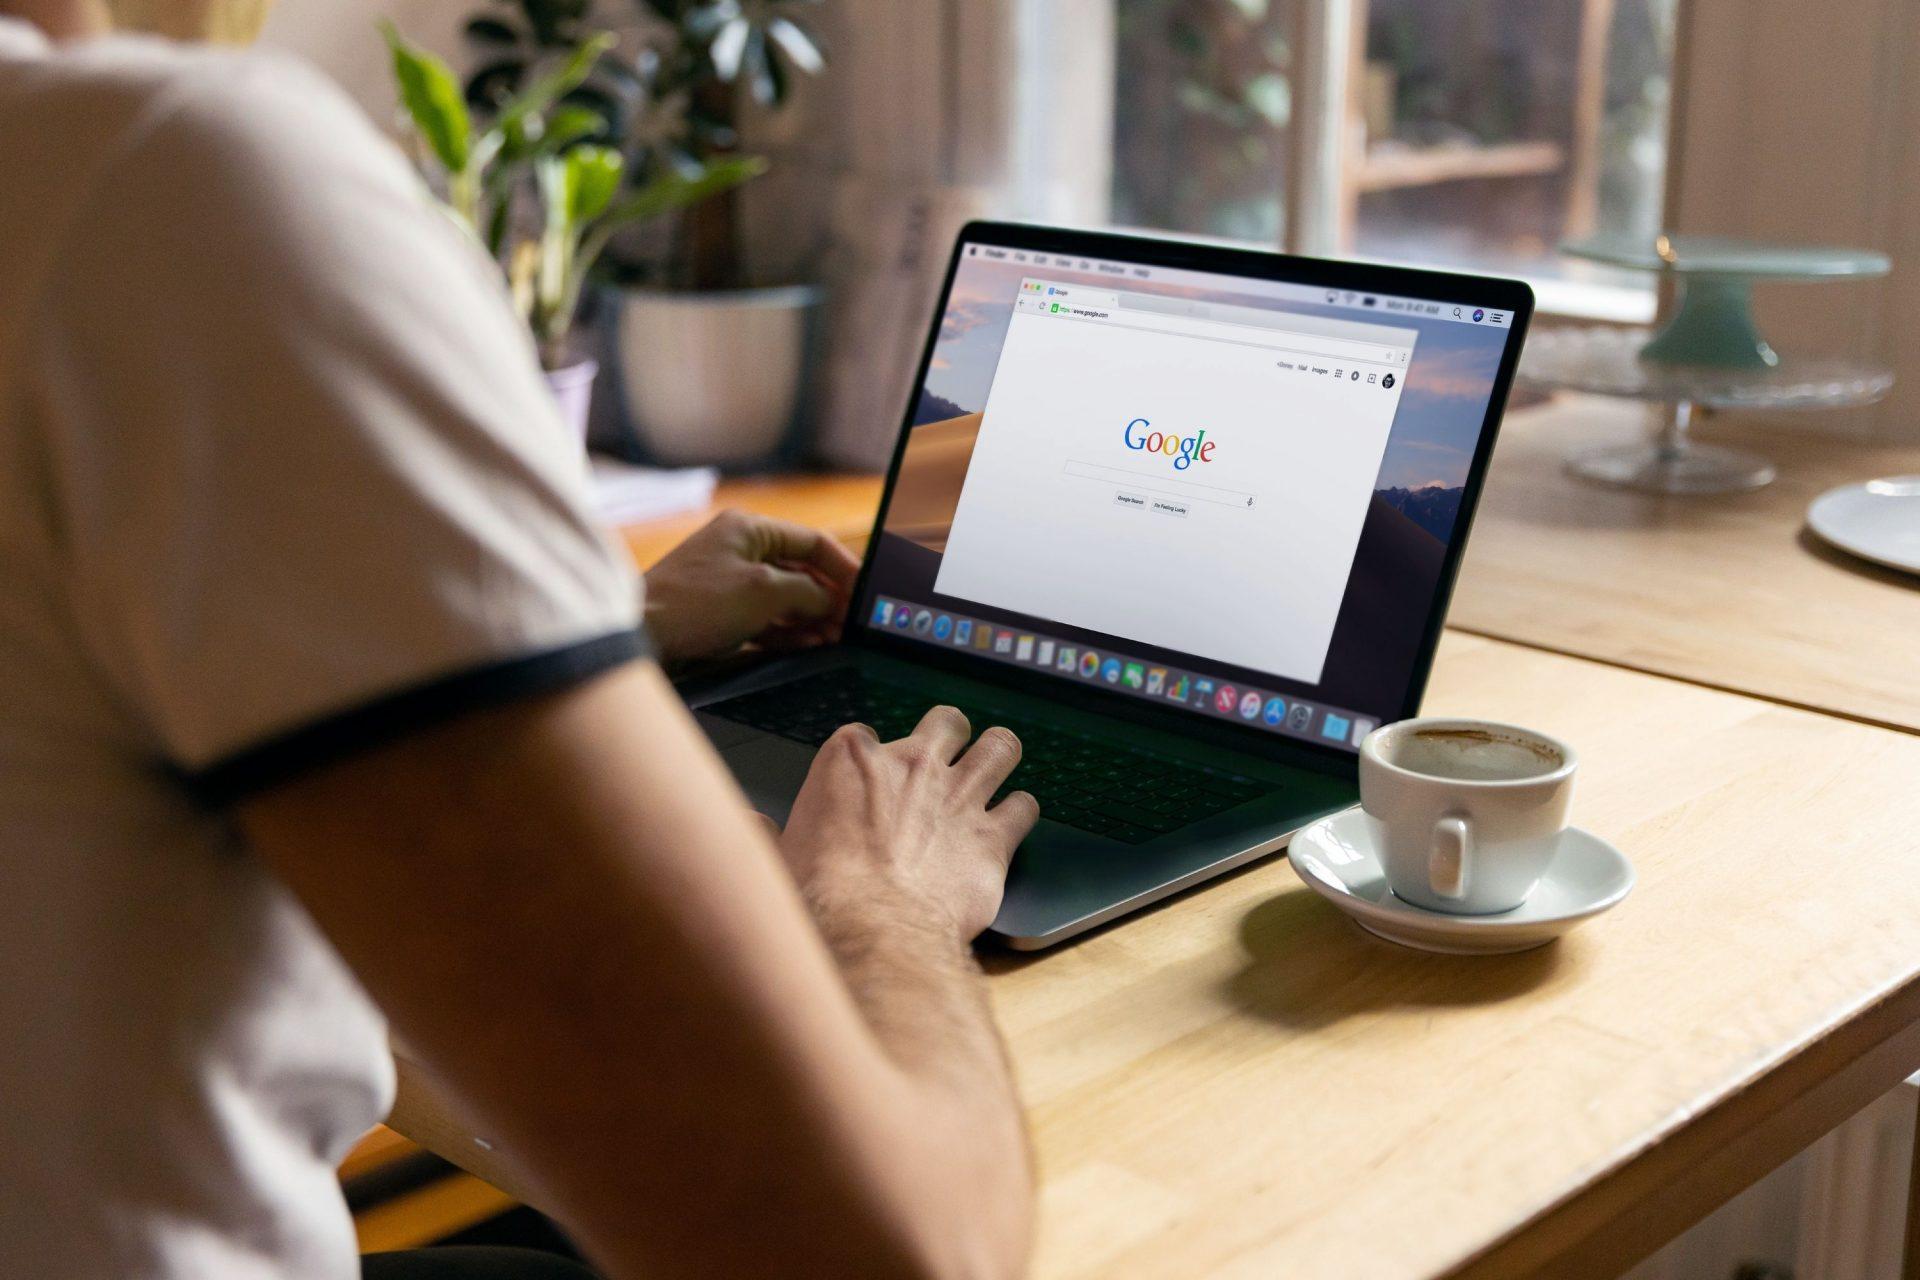 Persona delante de un computador con Google abierto